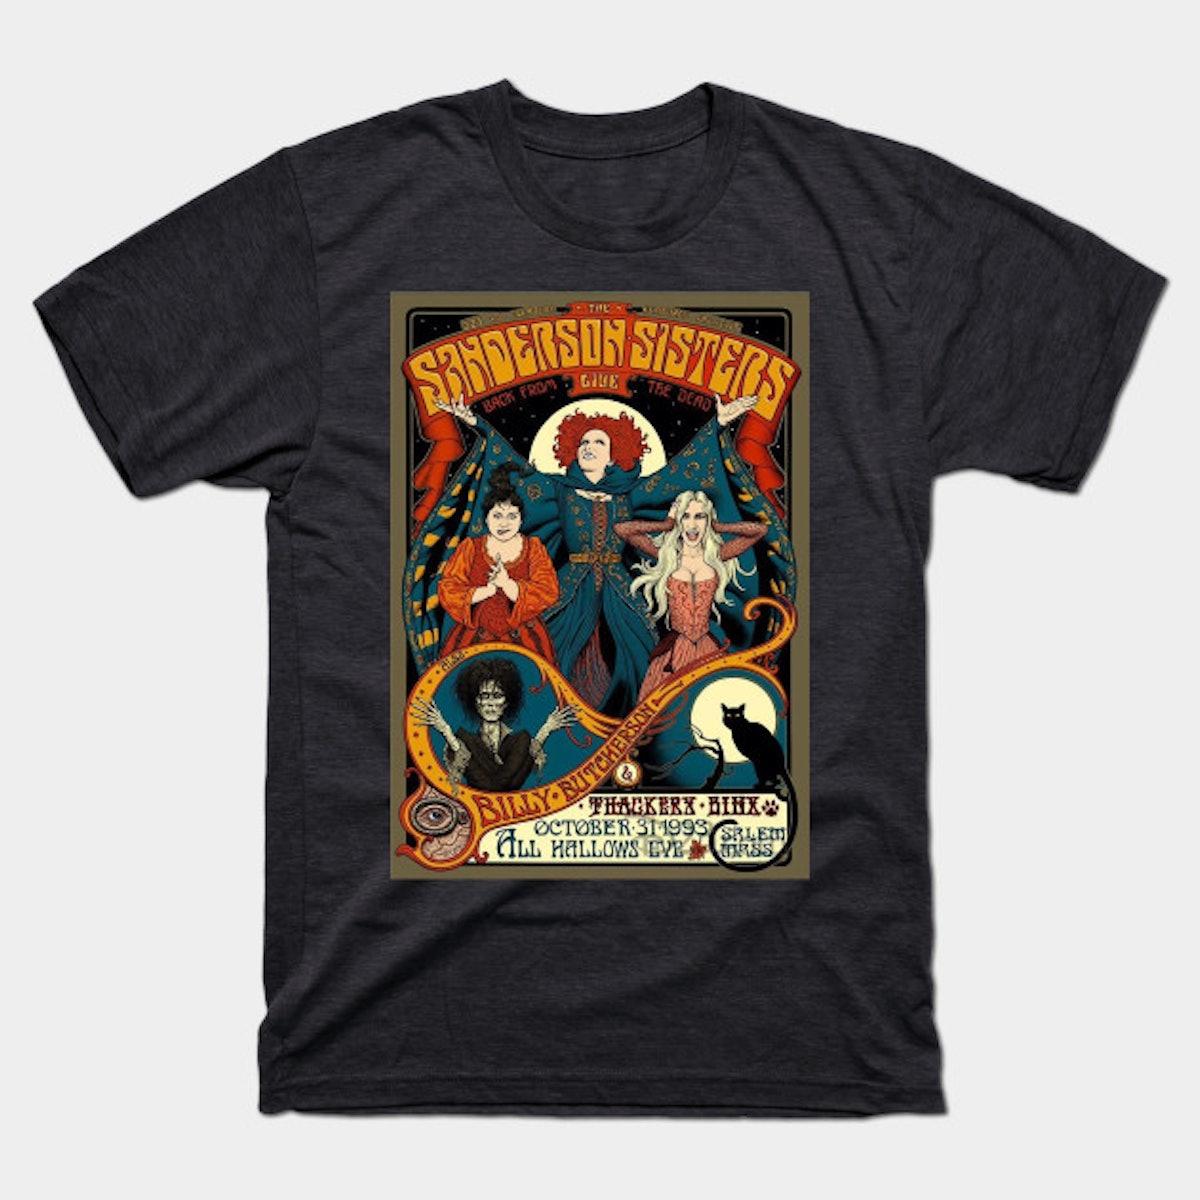 Teepublic Sanderson Sisters Hocus Pocus Vintage T-Shirt